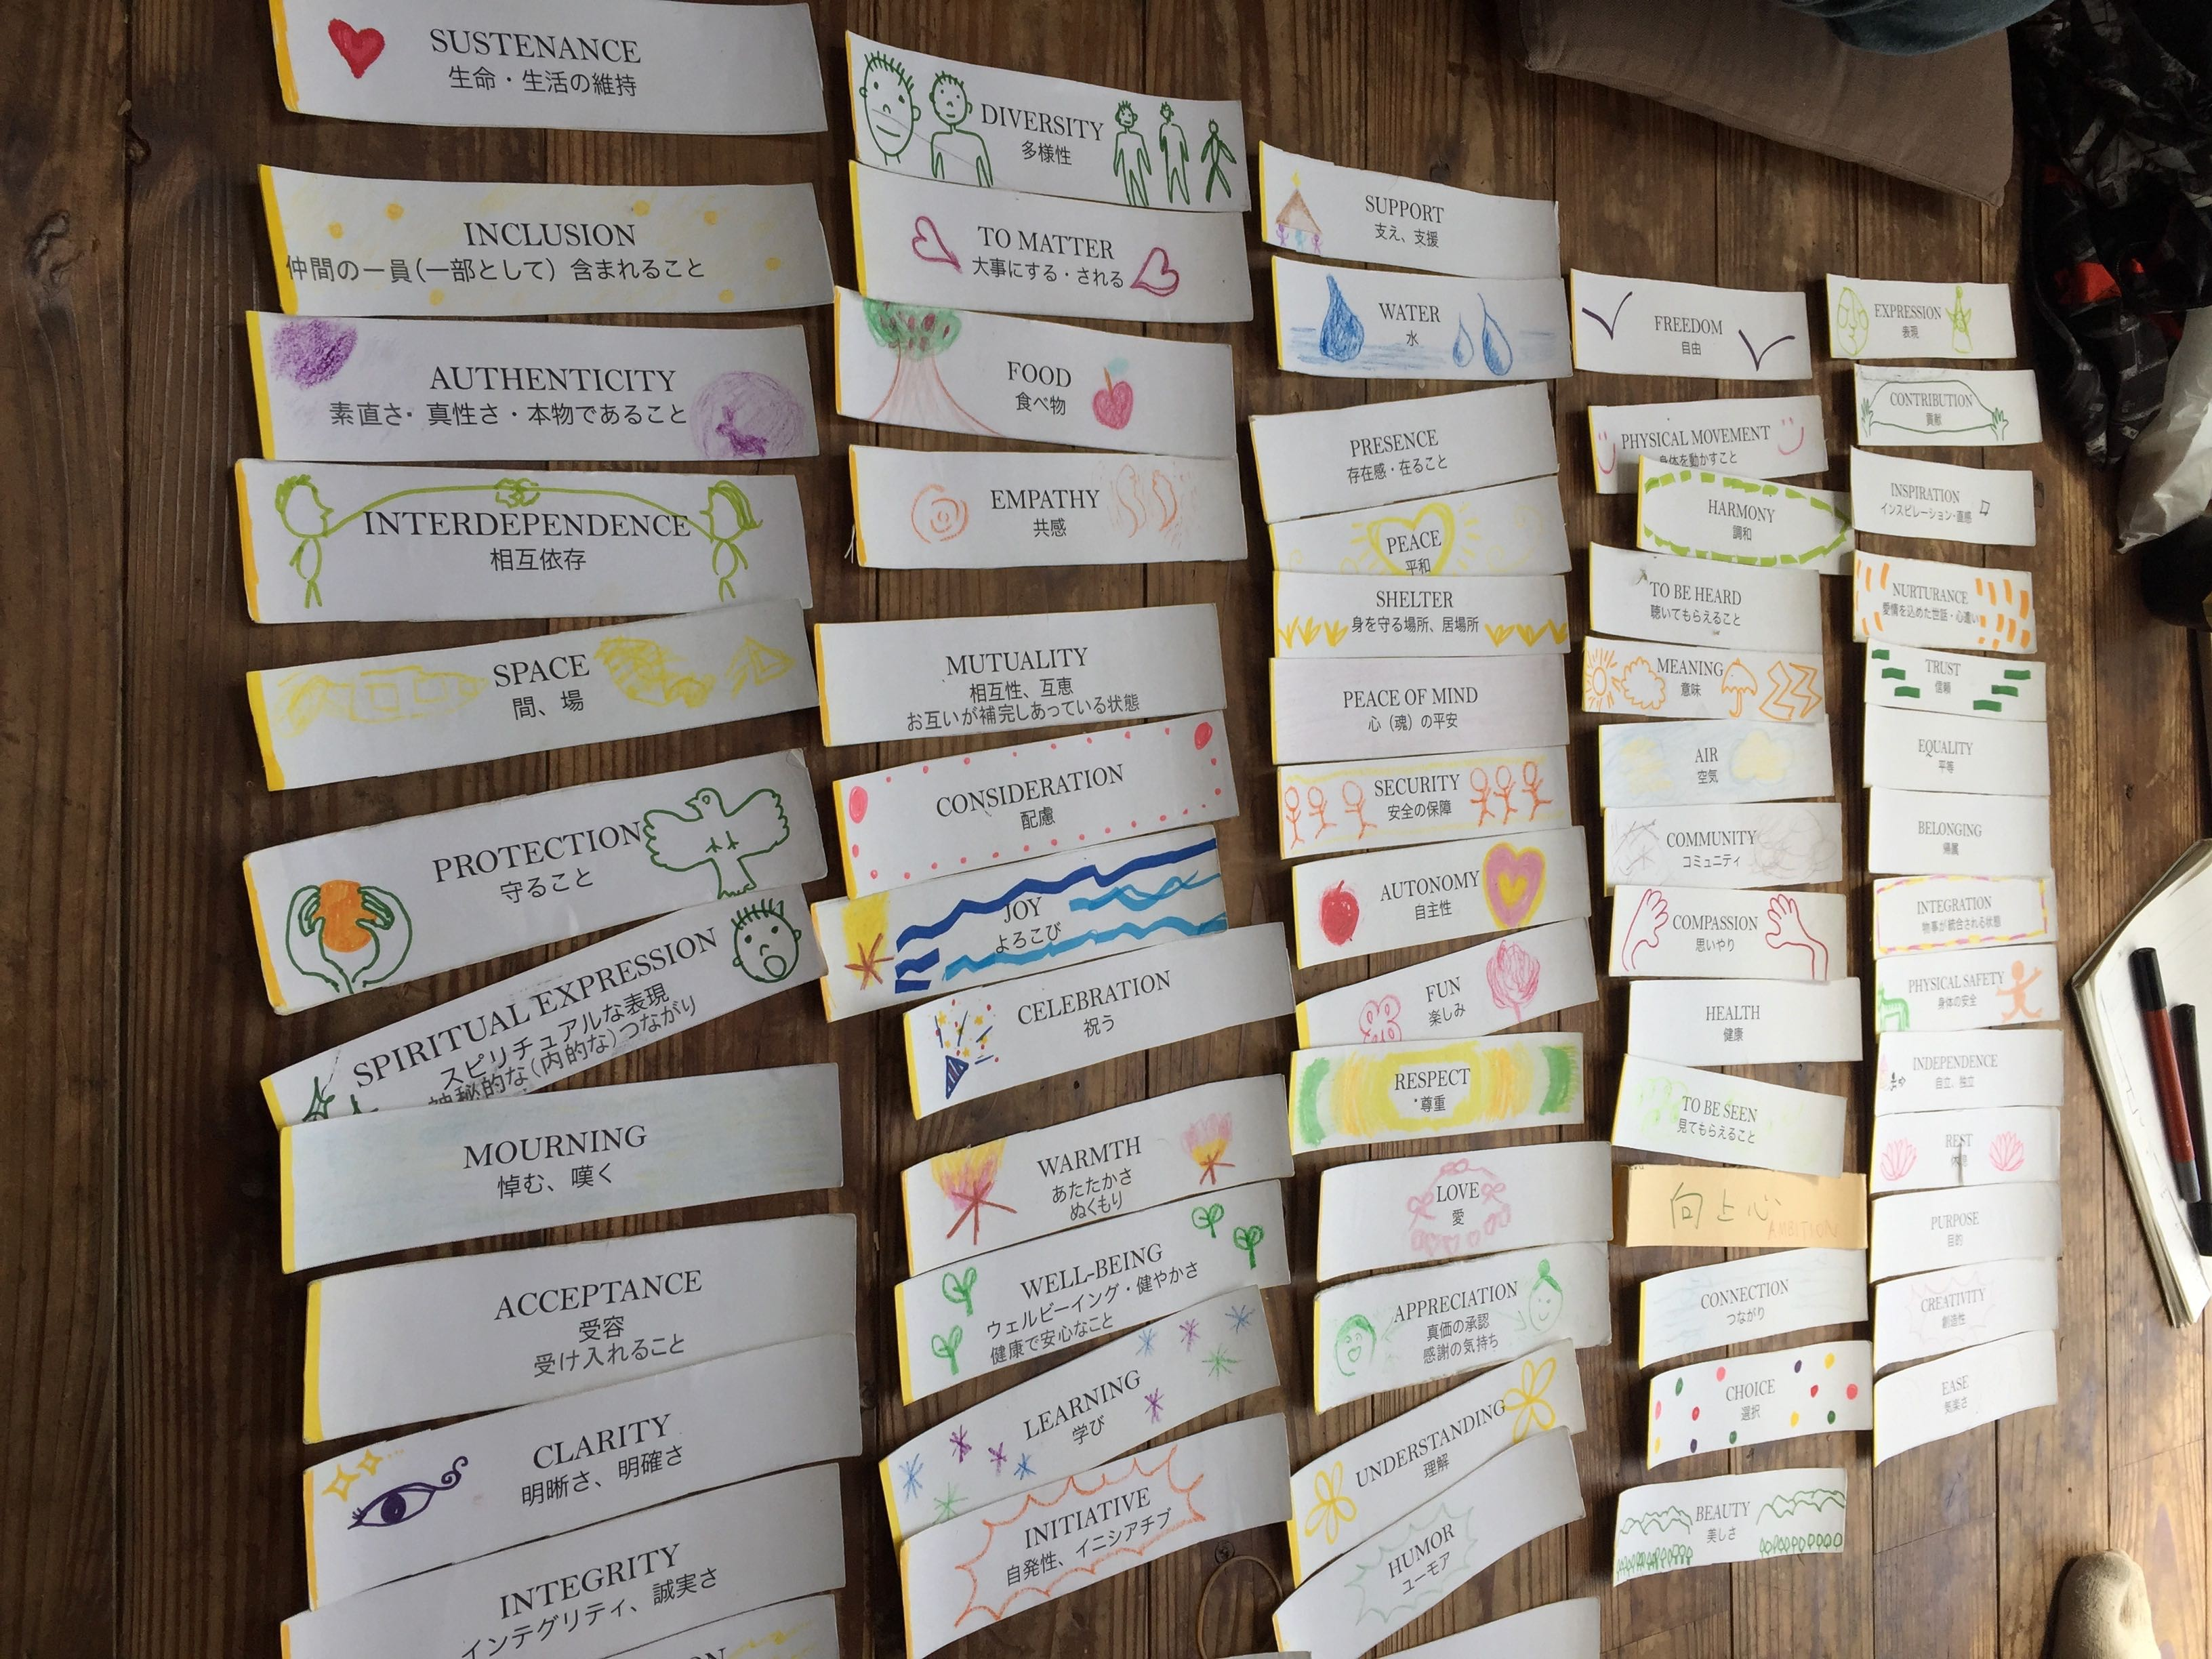 共感カフェ@石垣島 体験してみよう!共感と自己共感